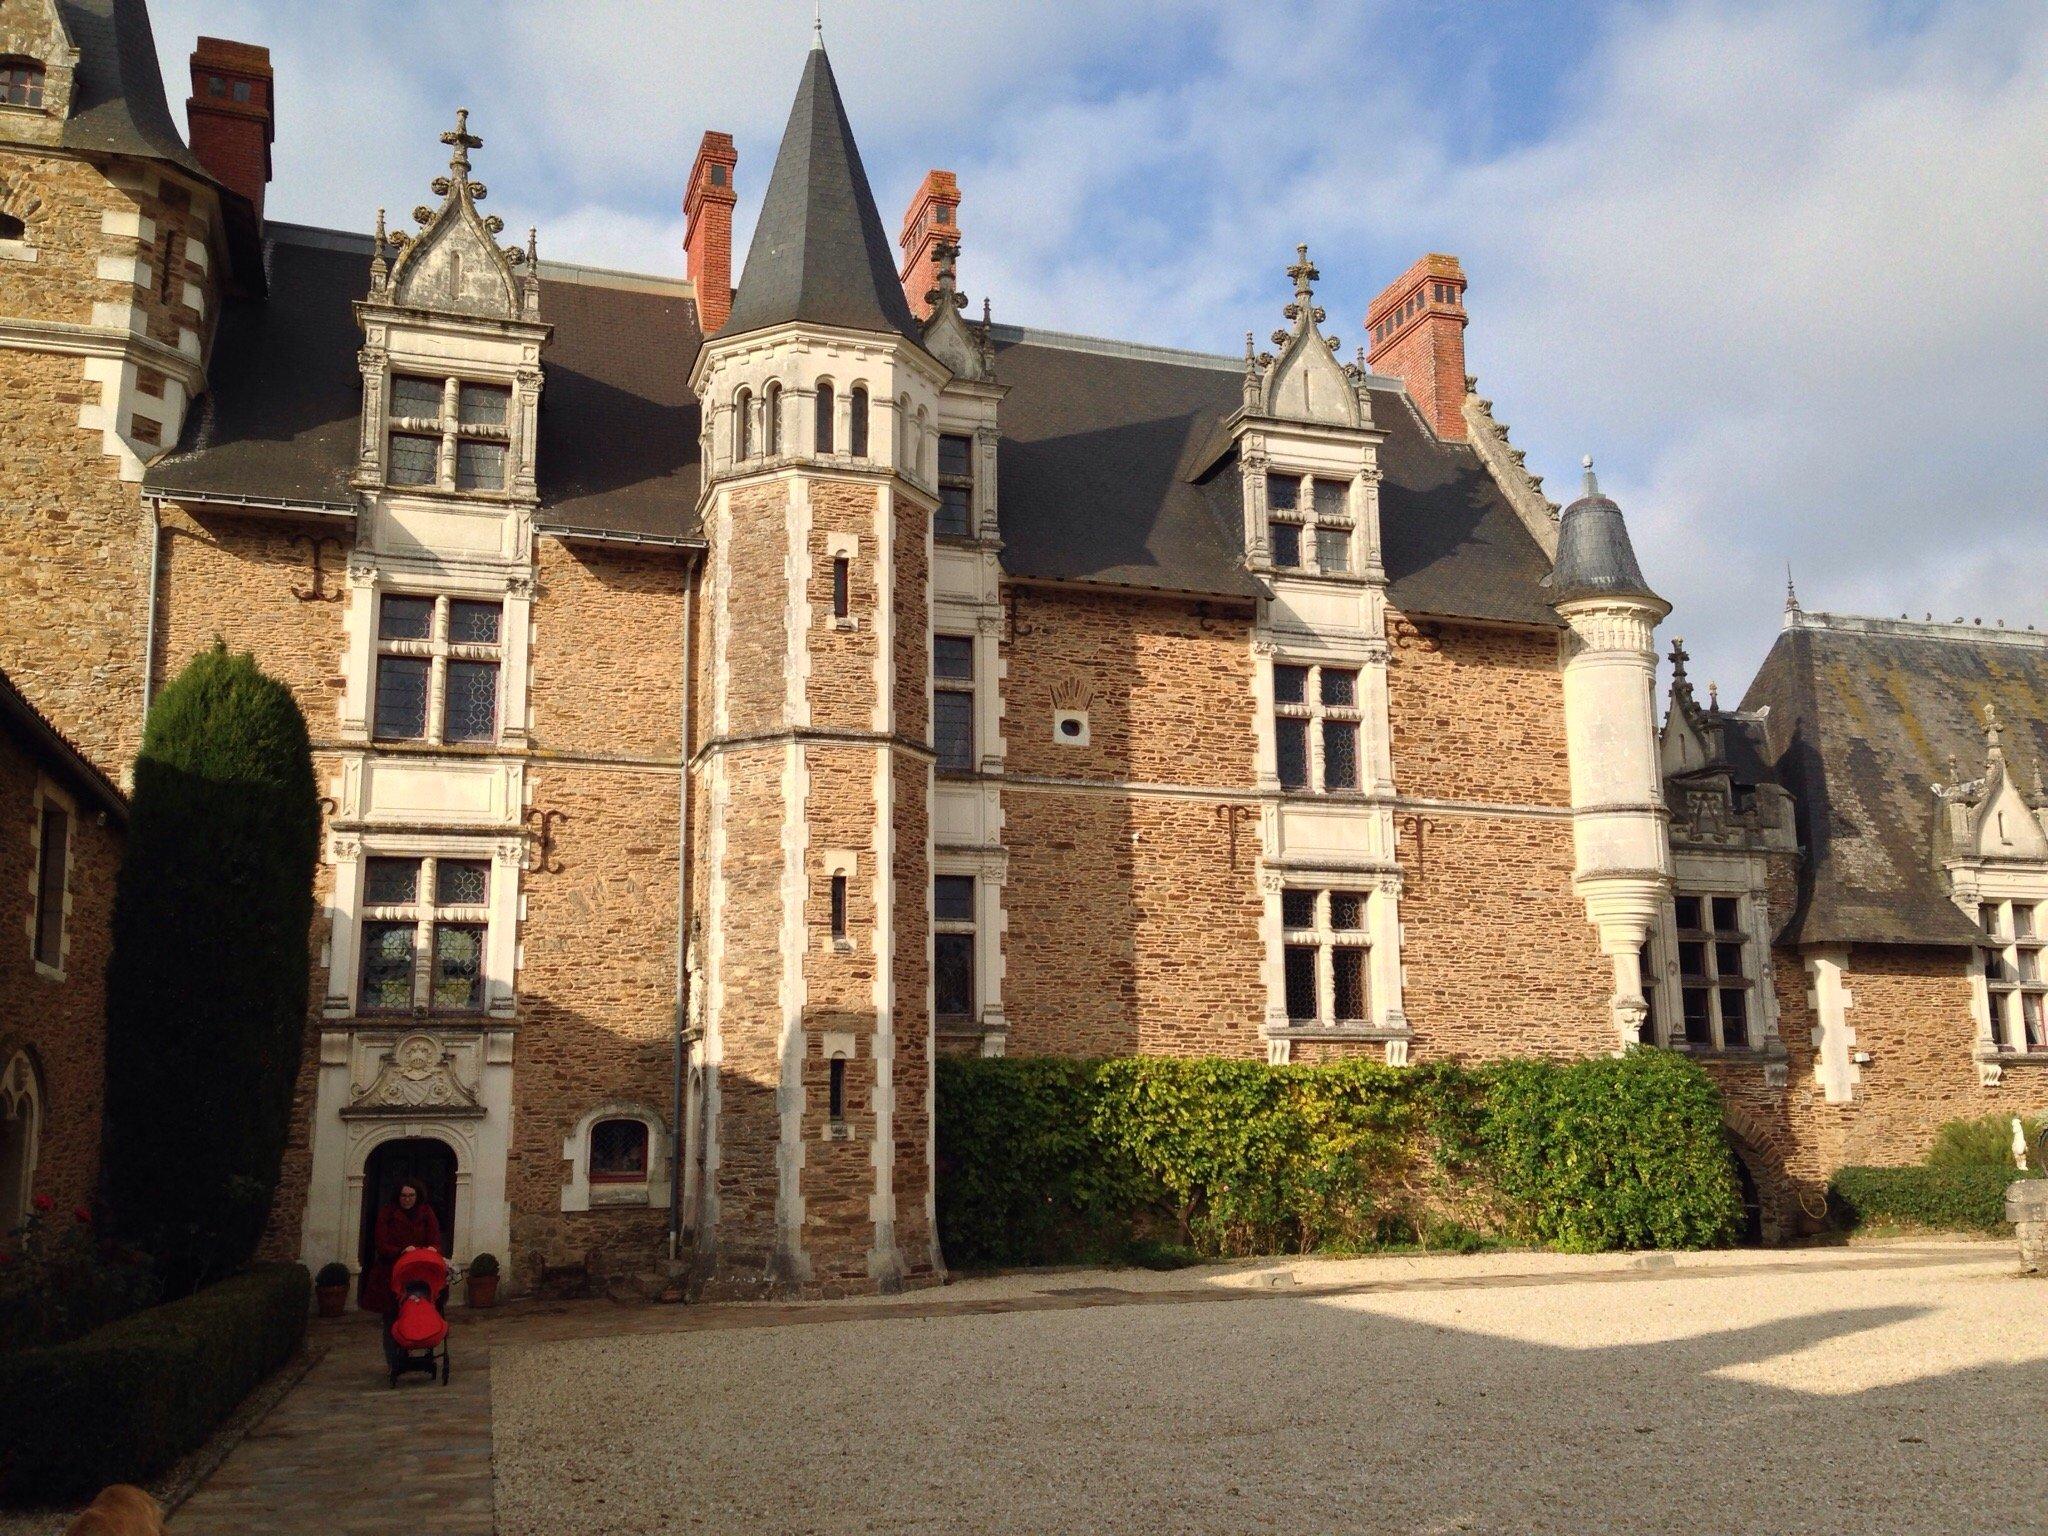 Chateau de la Colaissiere